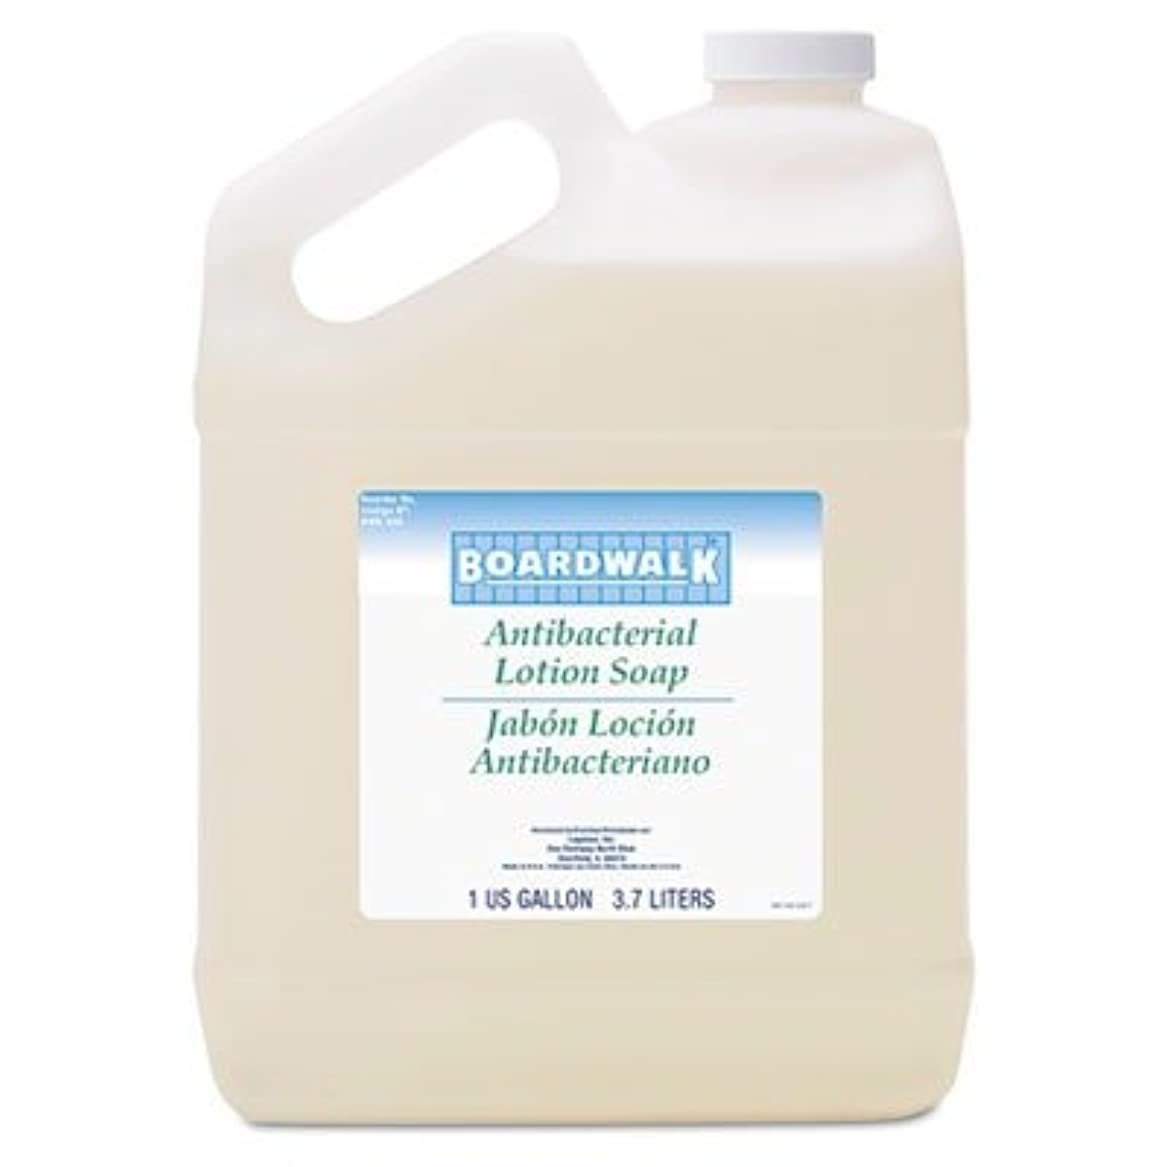 洗練どうやってポインタボードウォーク430ea抗菌Liquid Soap、花柄Balsam、1ガロンボトル